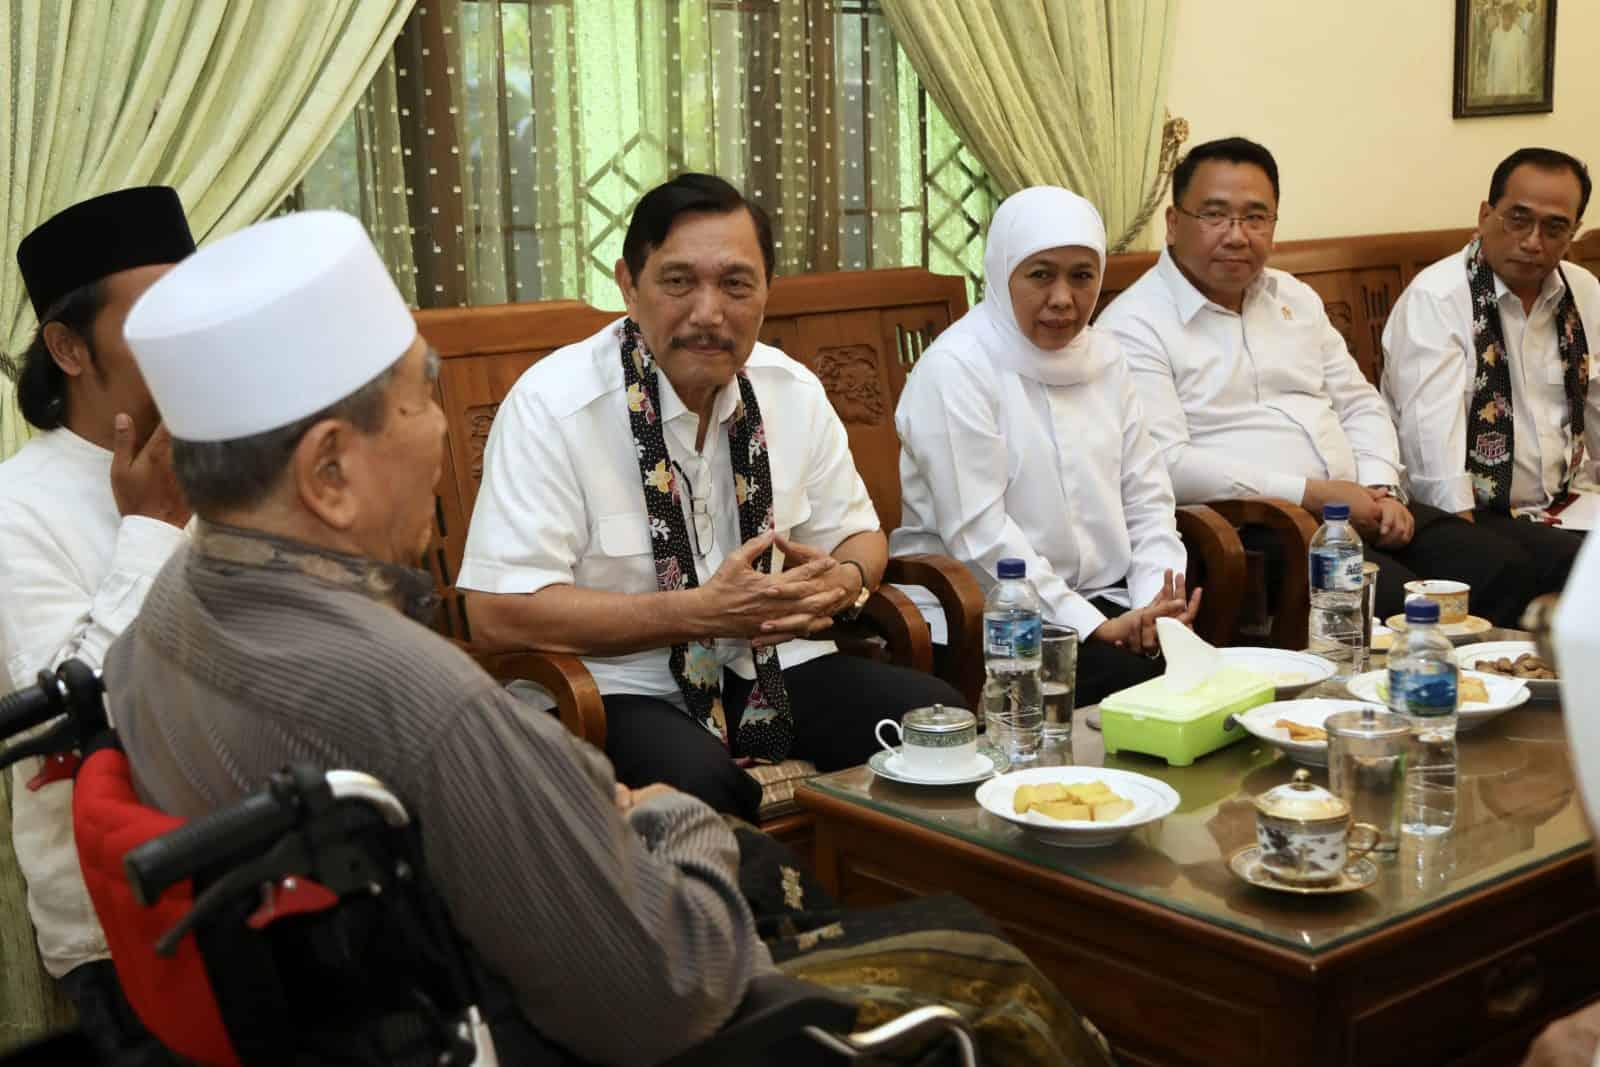 Bersama Gubernur Jawa Timur, Menko Luhut Silaturahmi ke Dua Pondok Pesantren di Kediri